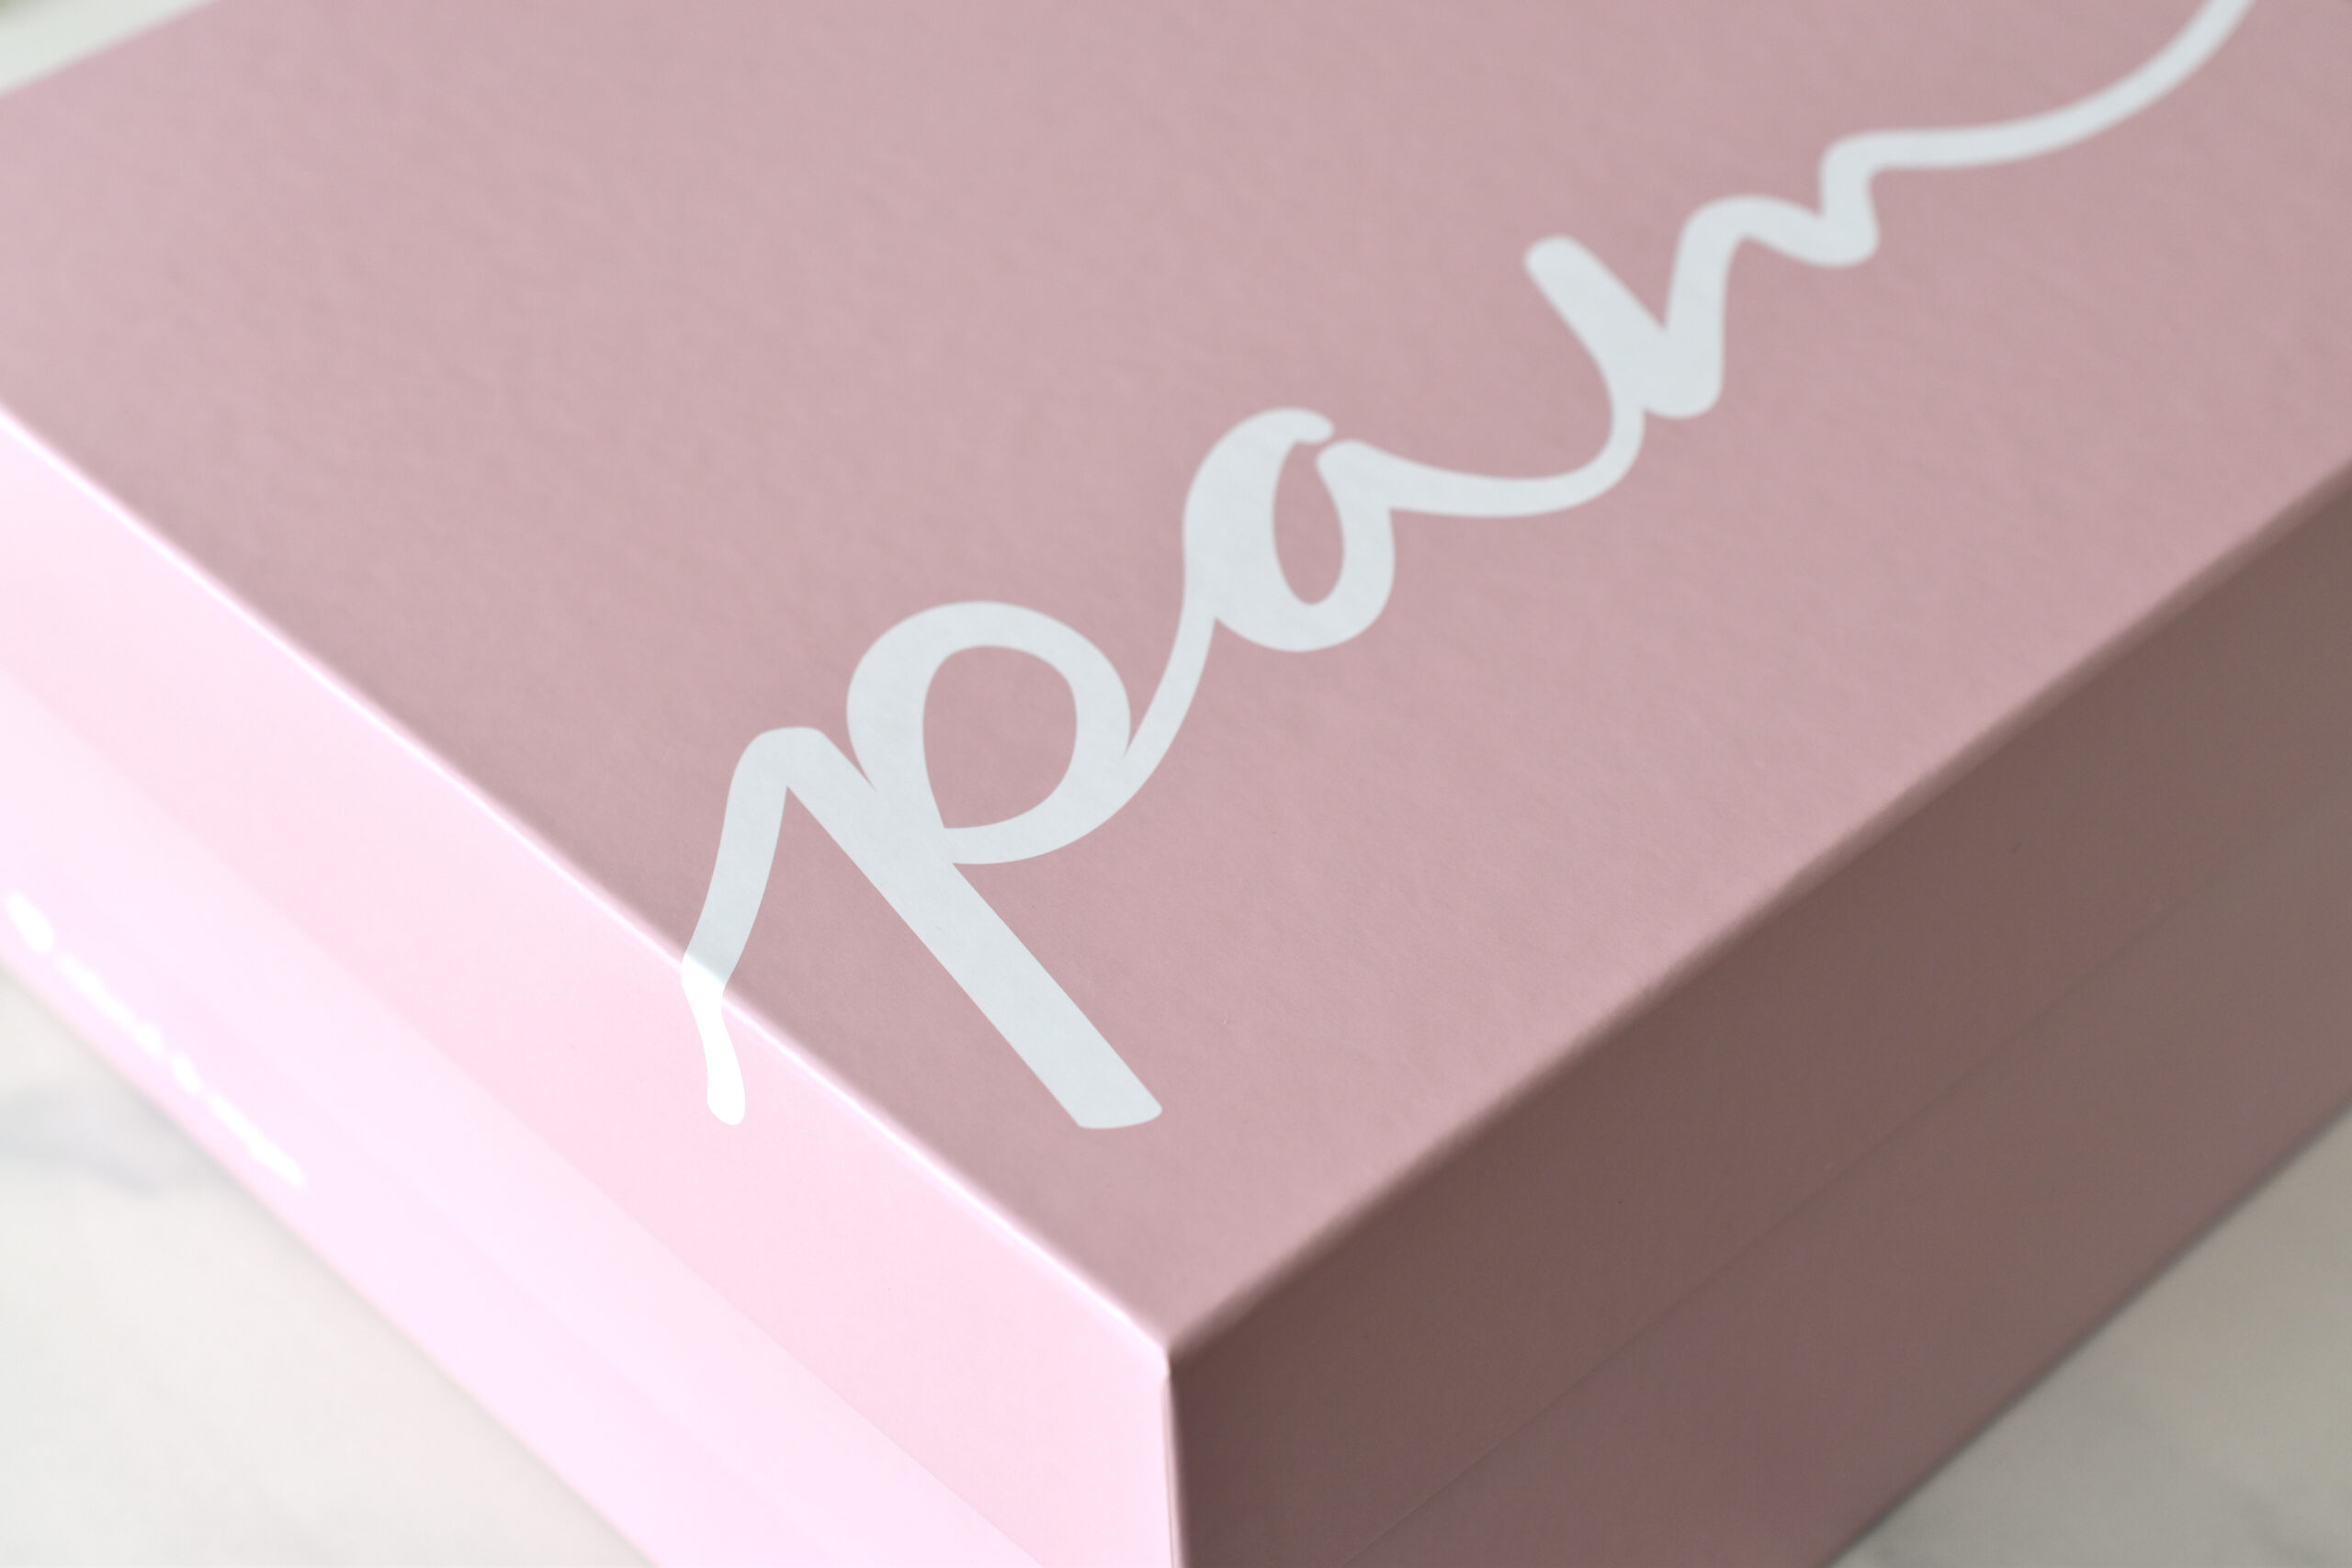 Pam Box Juni 2020 - Fazit zur 4. Snack Box von Pamela Reif